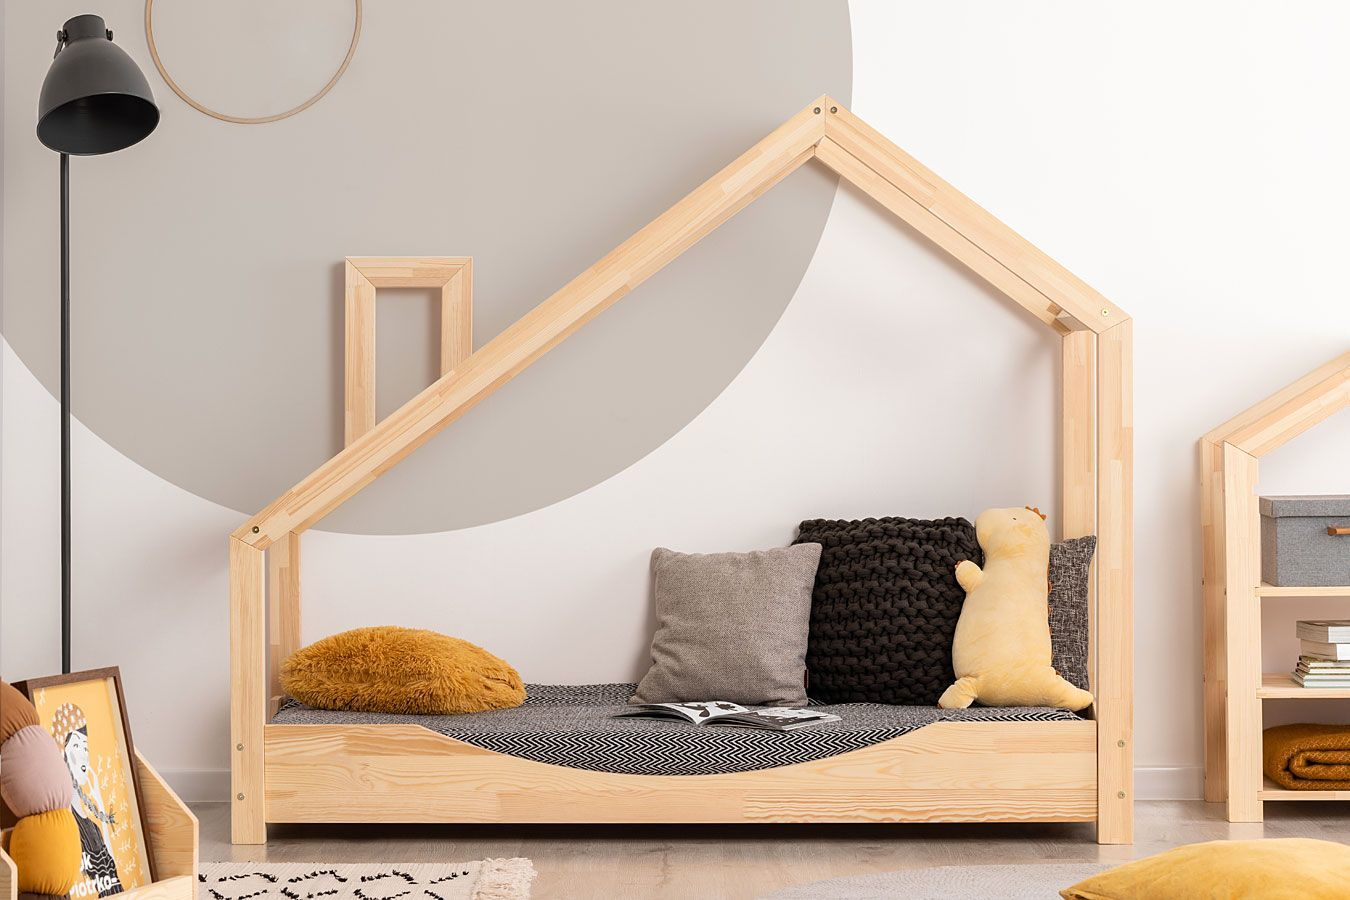 Drewniane łóżko dziecięce domek Lumo 6X - 23 rozmiary